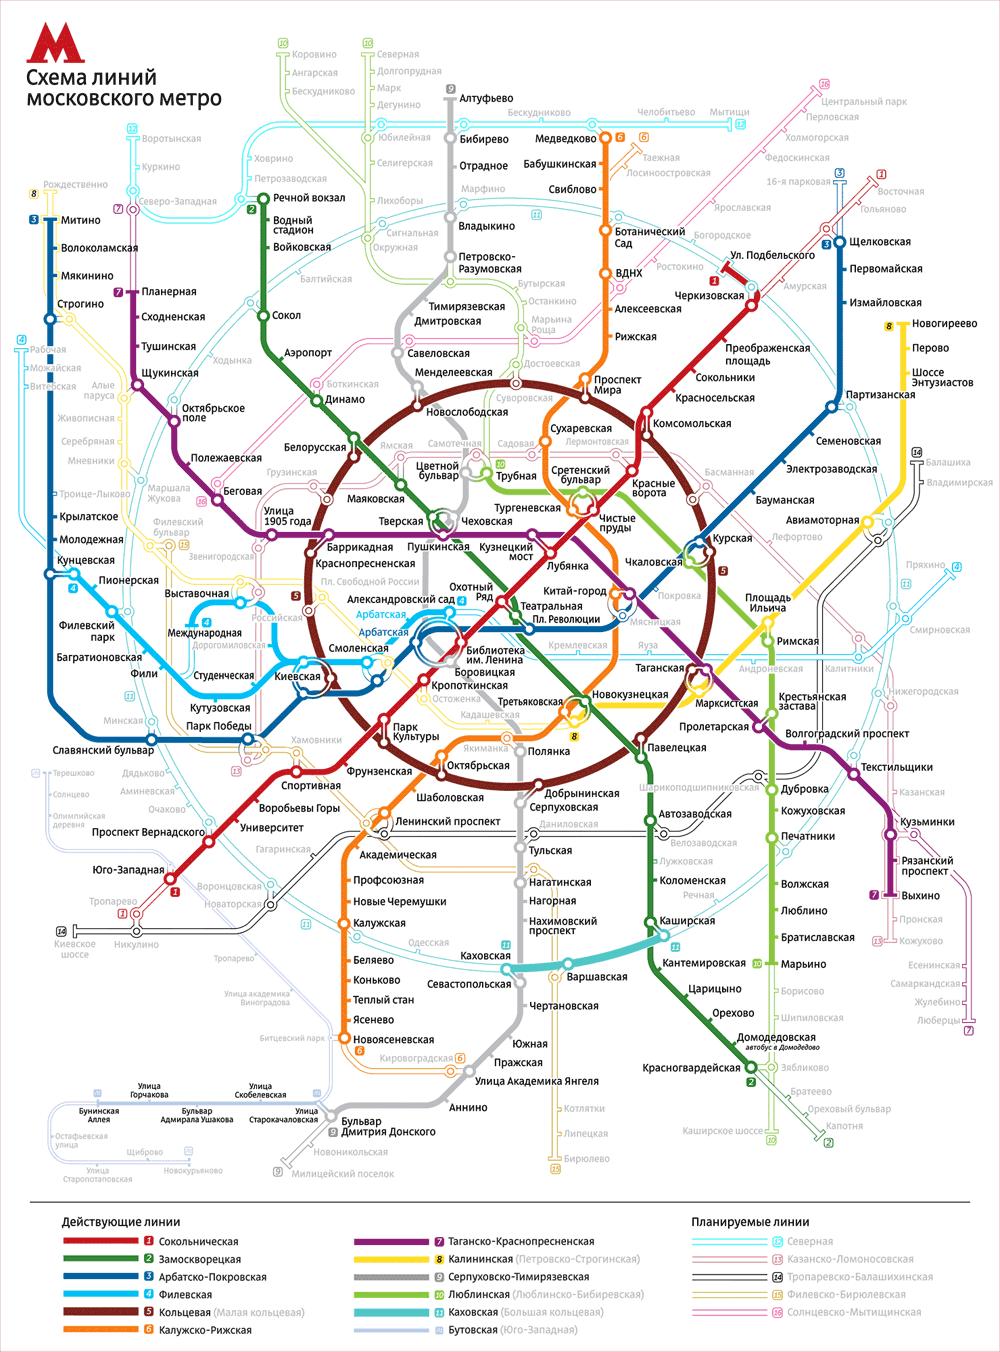 схема московского метрополитена к концу 2015 г